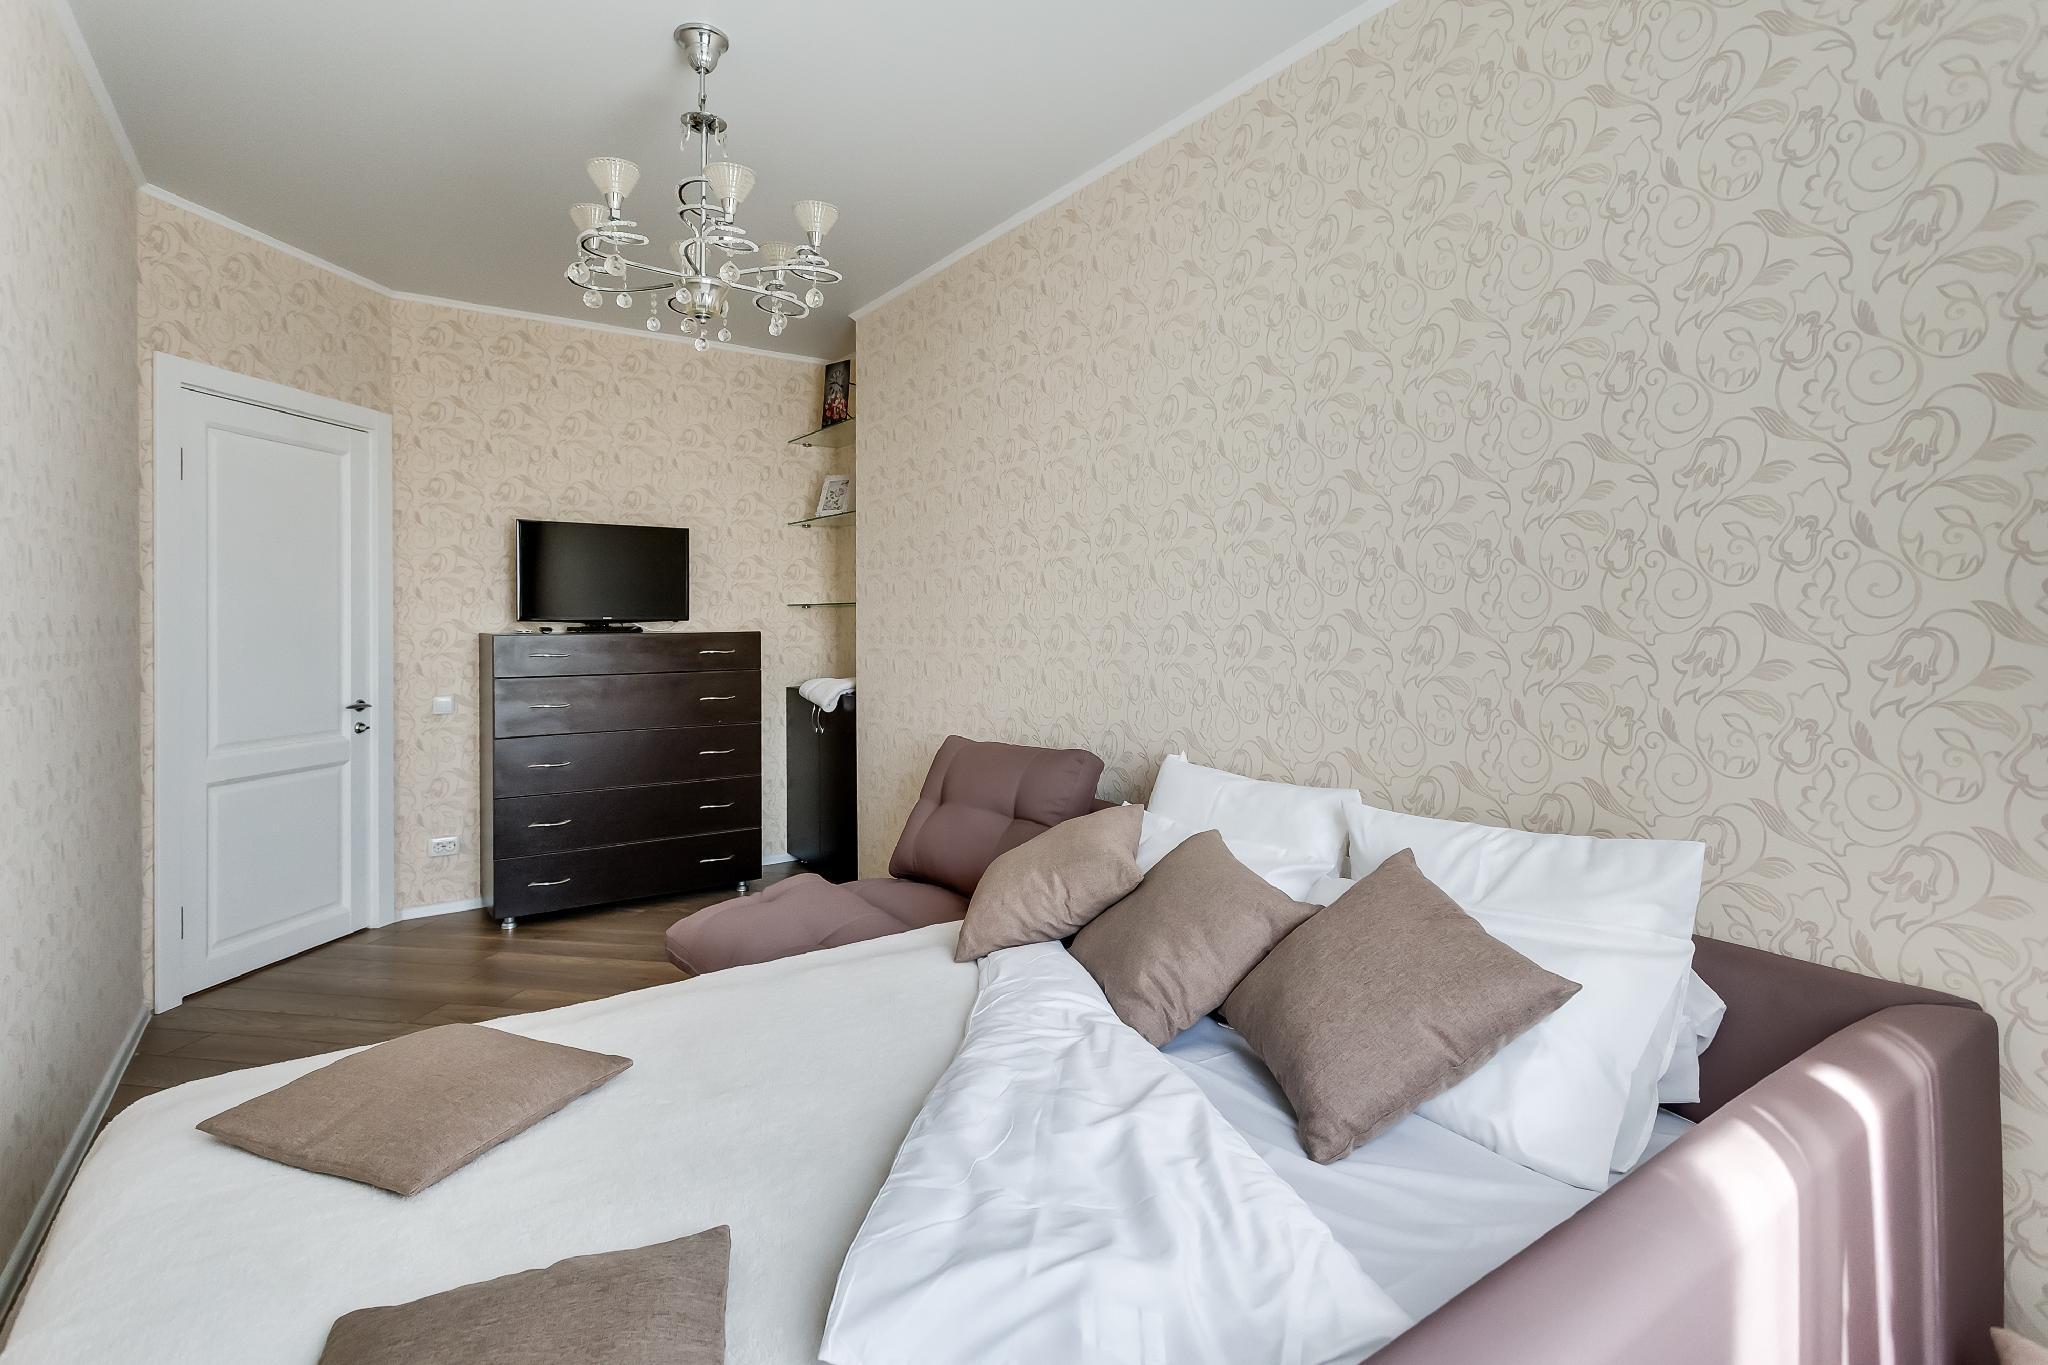 Luxurious Apartment In The City CenterMILLENNIUM 2